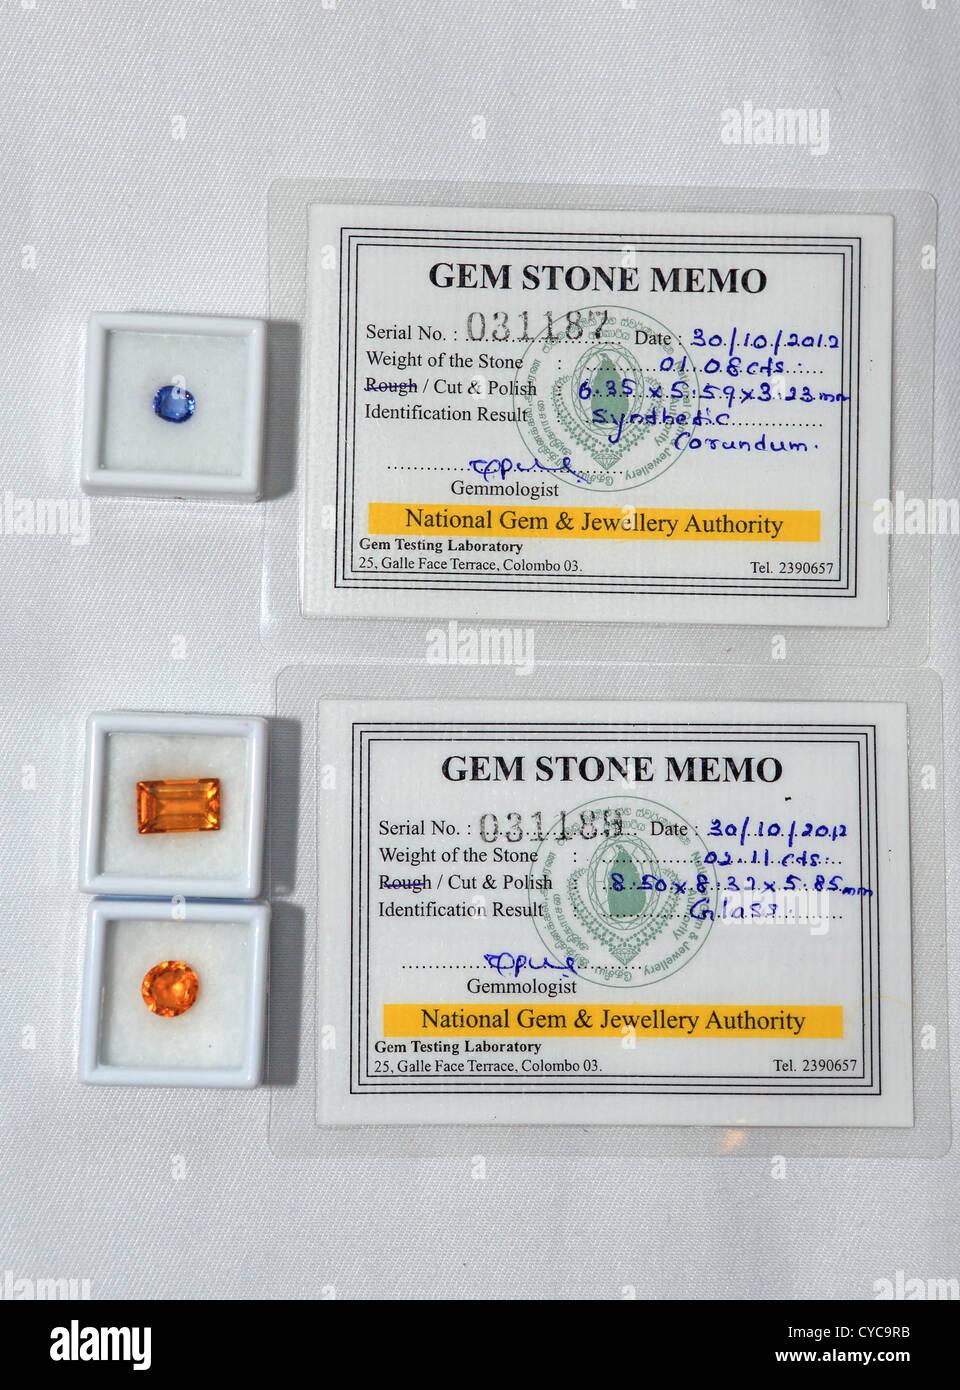 Las piedras preciosas se venden como auténticos pero fueron probados y reveló que el corindón sintético Imagen De Stock